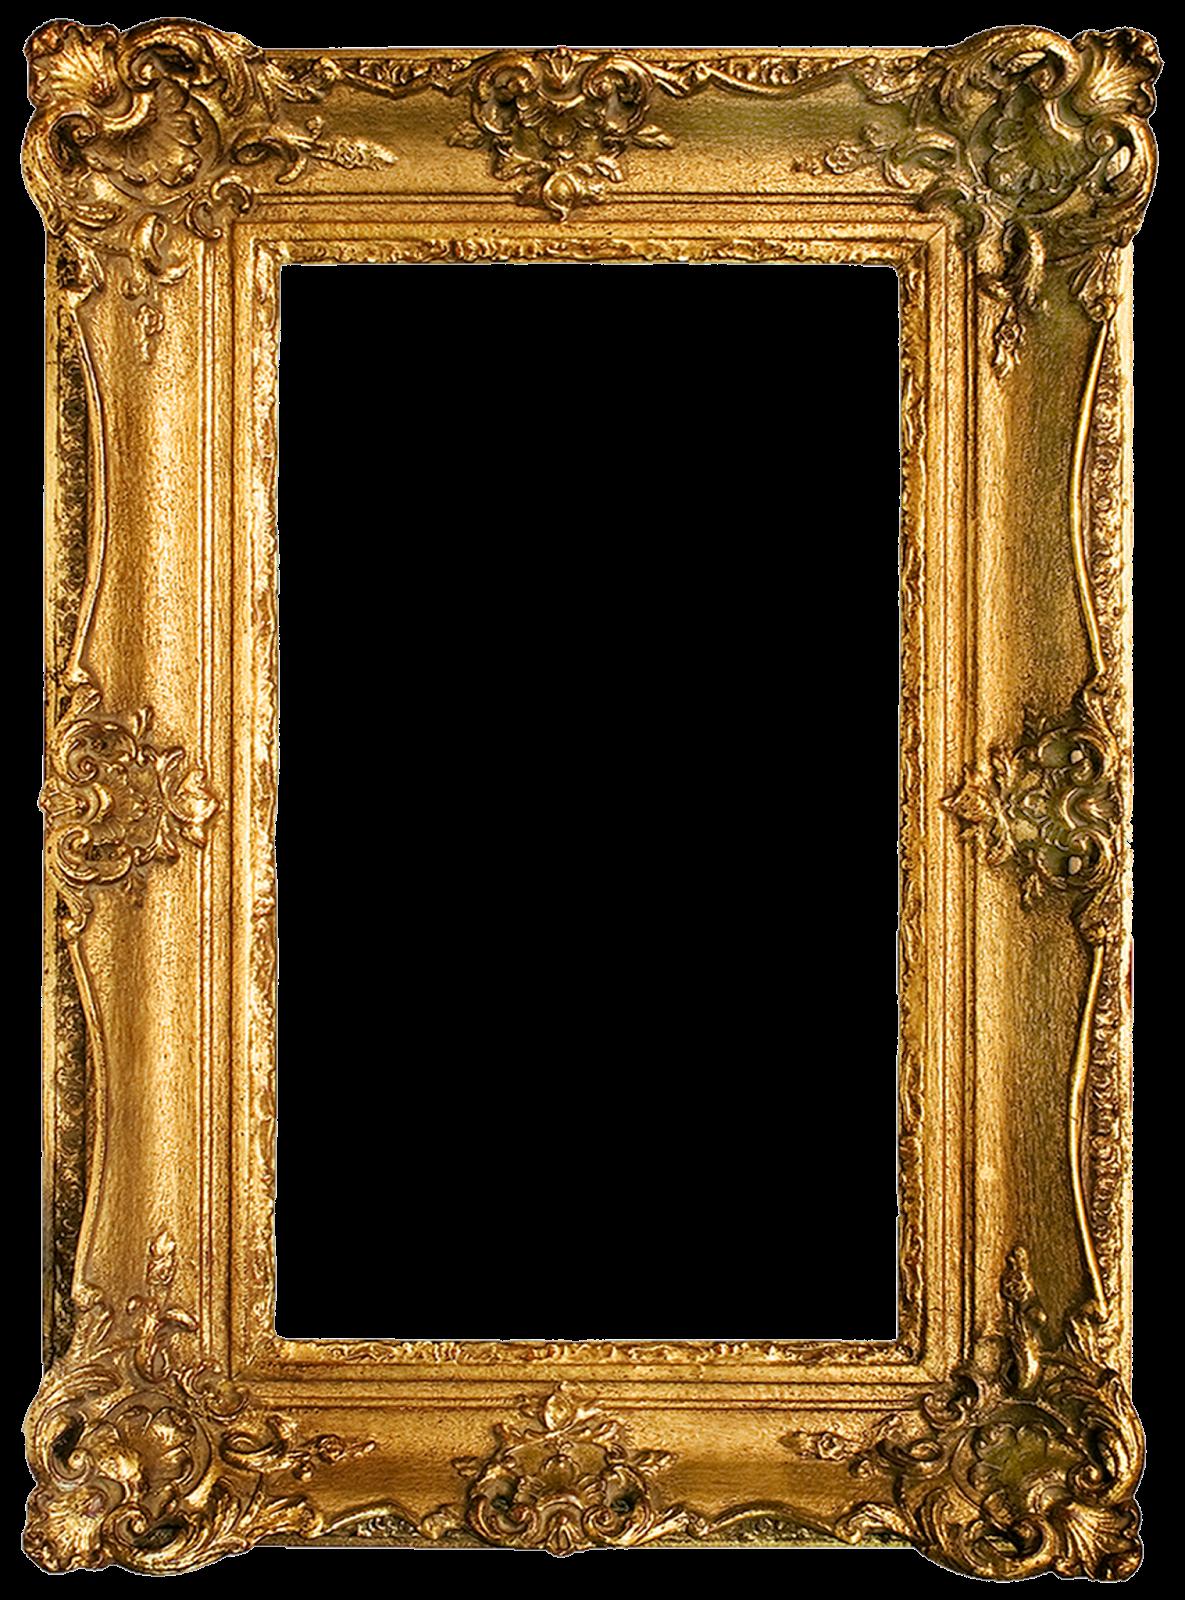 Fancy frame png. Vintage gold gilded frames